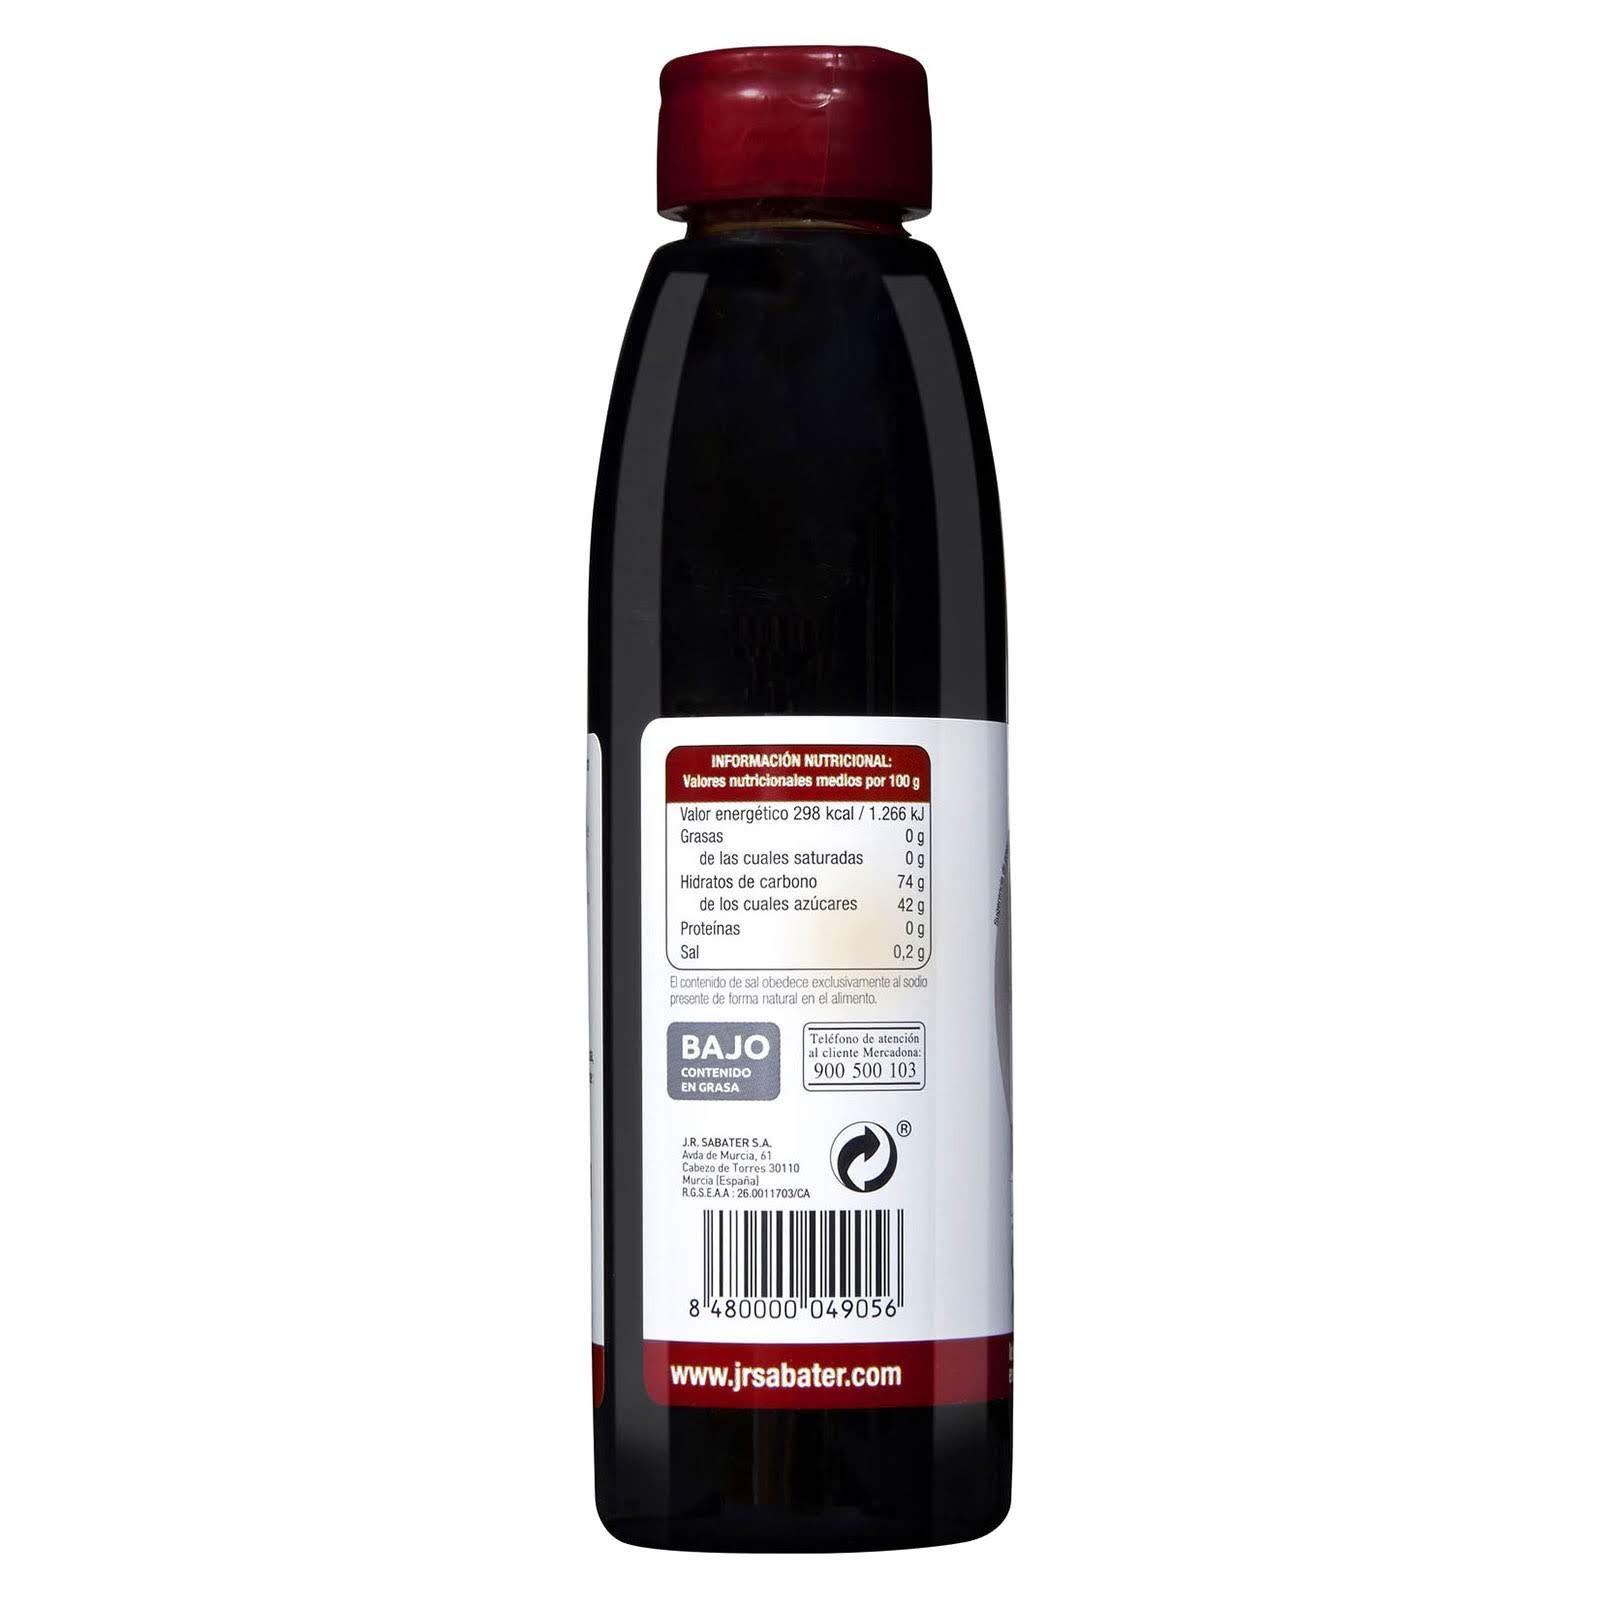 Reducción de vinagre de Pedro Ximénez Hacendado